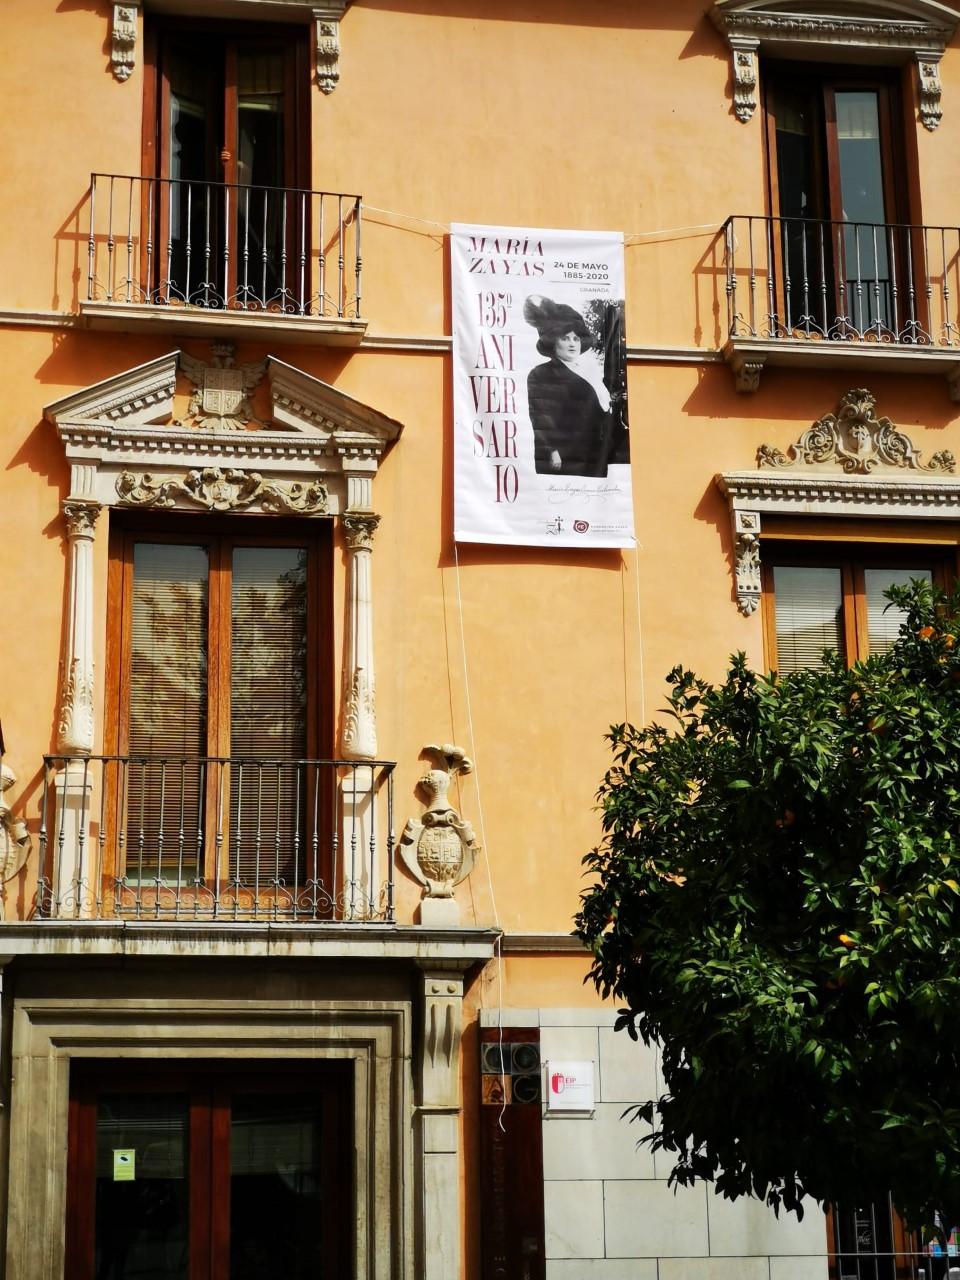 María Zayas vuelve a su casa natal en el 135 aniversario de su nacimiento